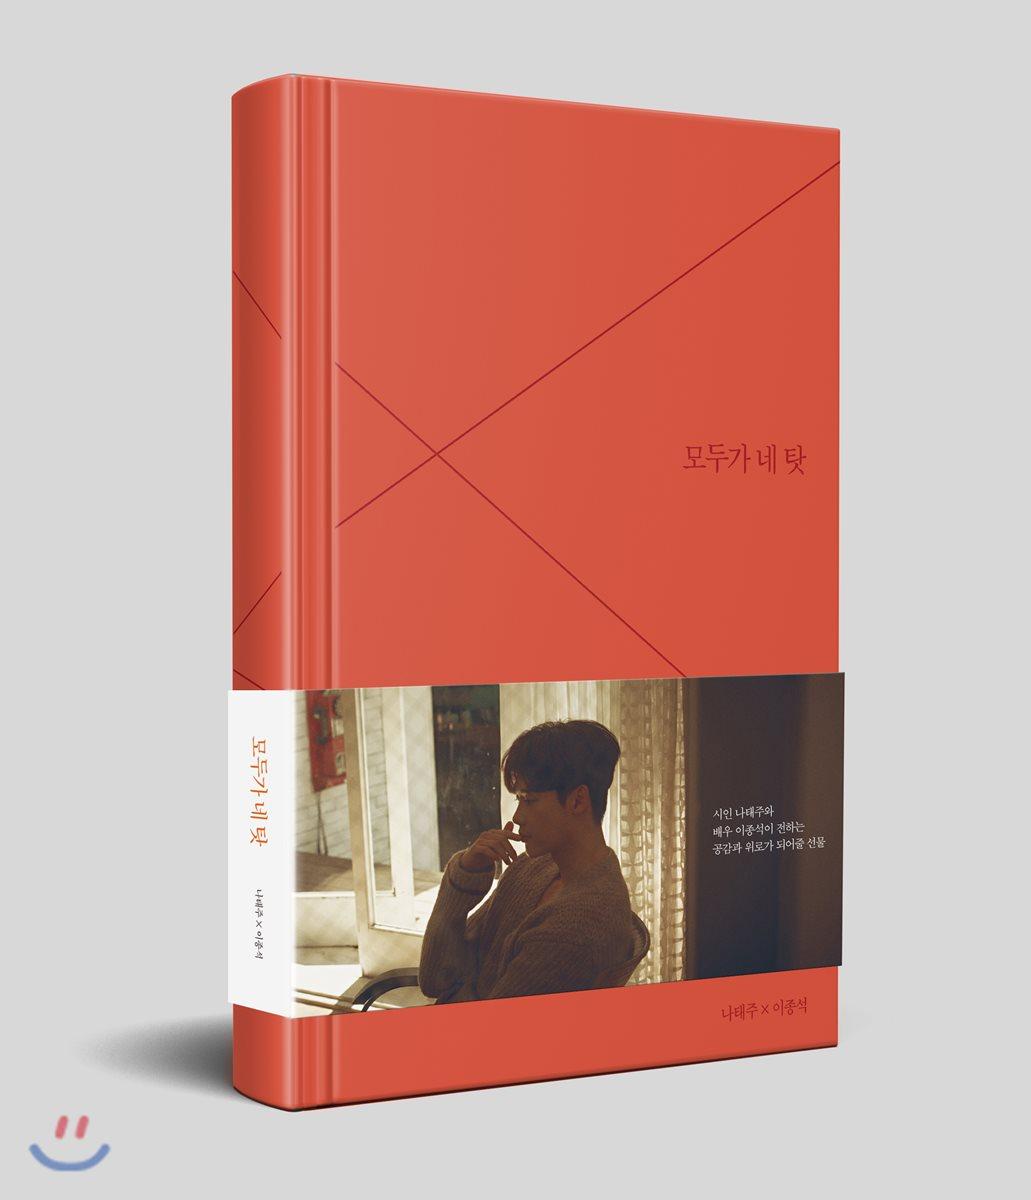 [예약판매] 모두가 네 탓 (책 + 메이킹 DVD)